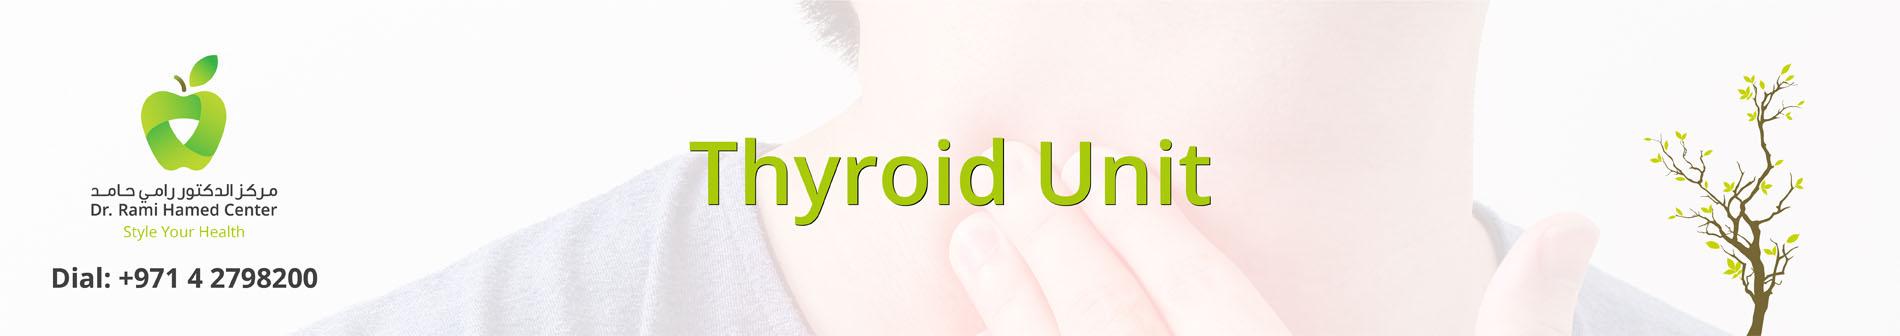 Dubai thyroid clinic